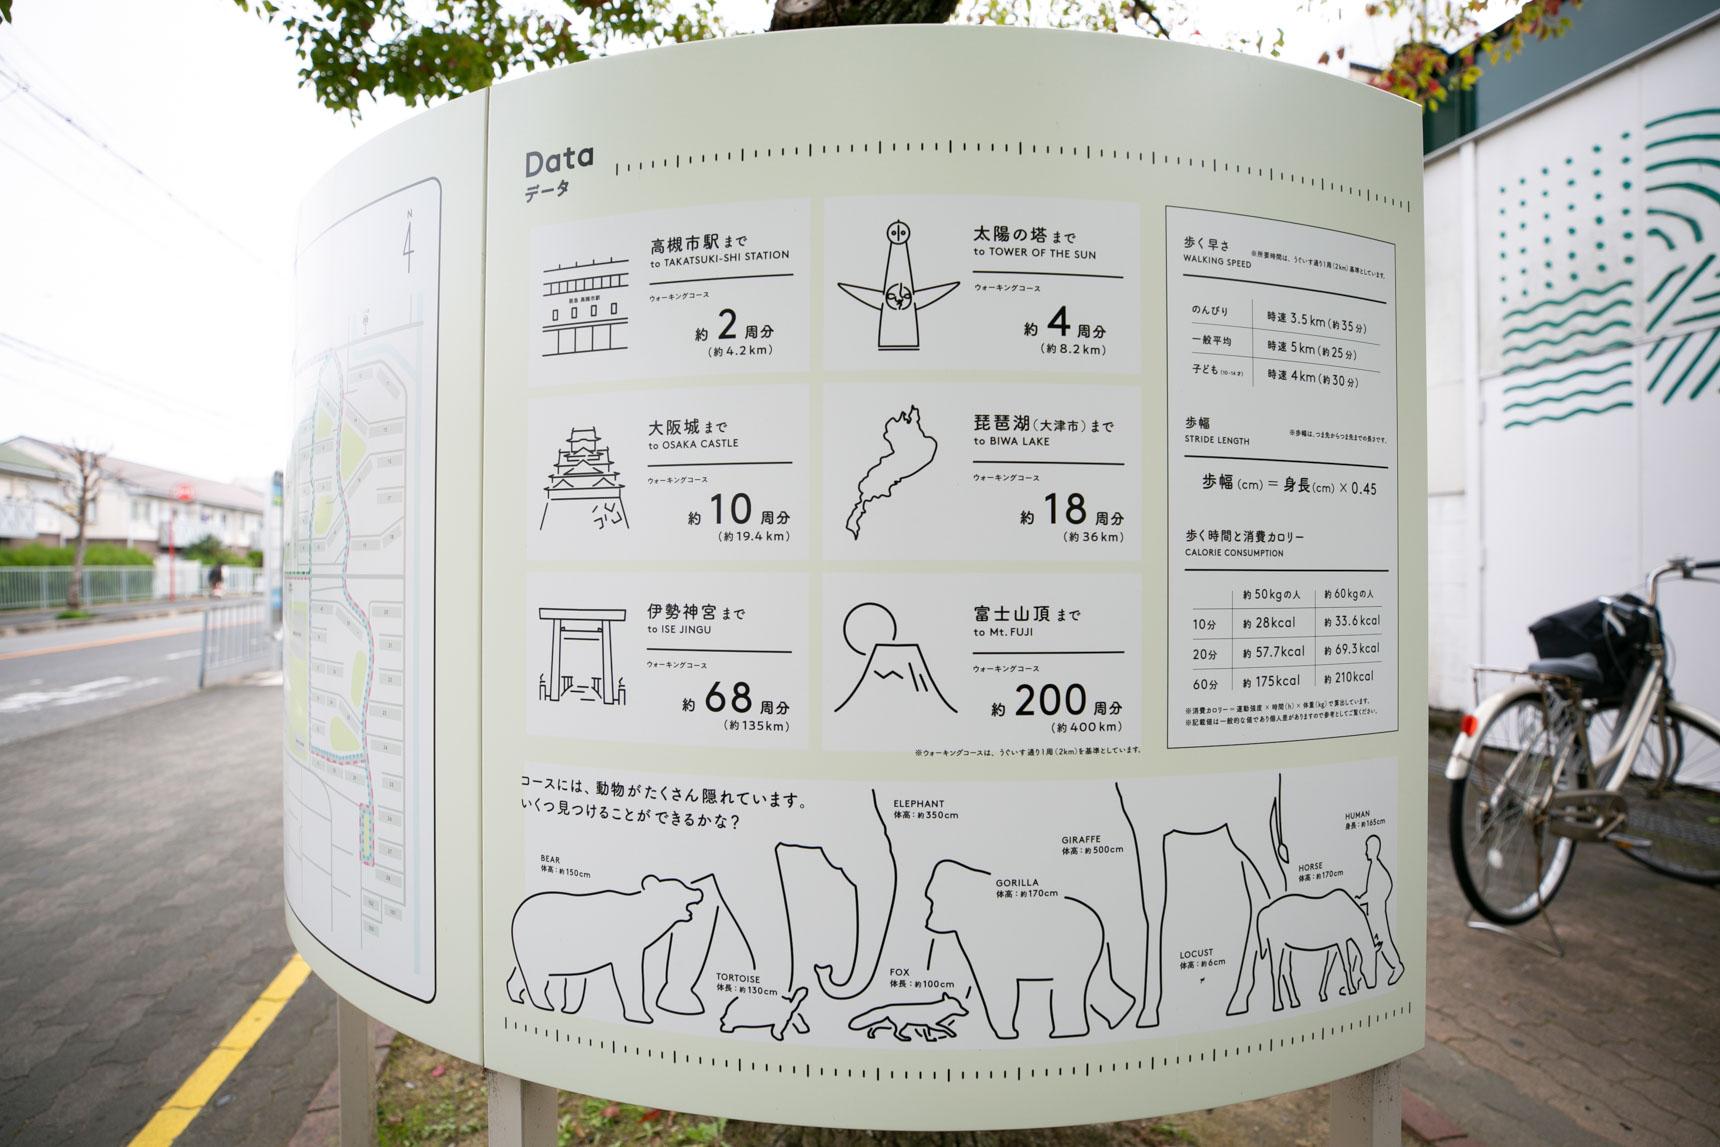 一番長いうぐいす通りで1周約2km。距離やカロリーを意識しながら楽しく歩けるように工夫されています。大阪らしいユーモア溢れるデータも。200周するとなんと、ここから富士山頂までの距離に匹敵!